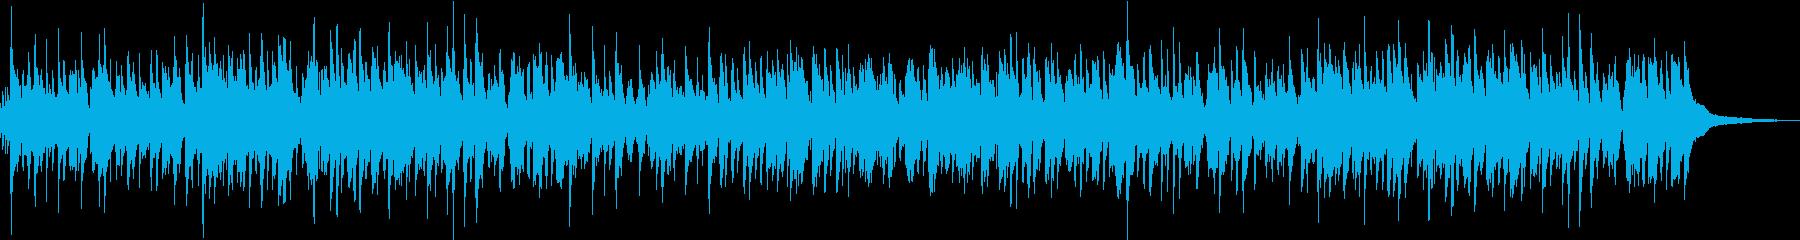 哀愁カントリー/生演奏マンドリン&ギターの再生済みの波形